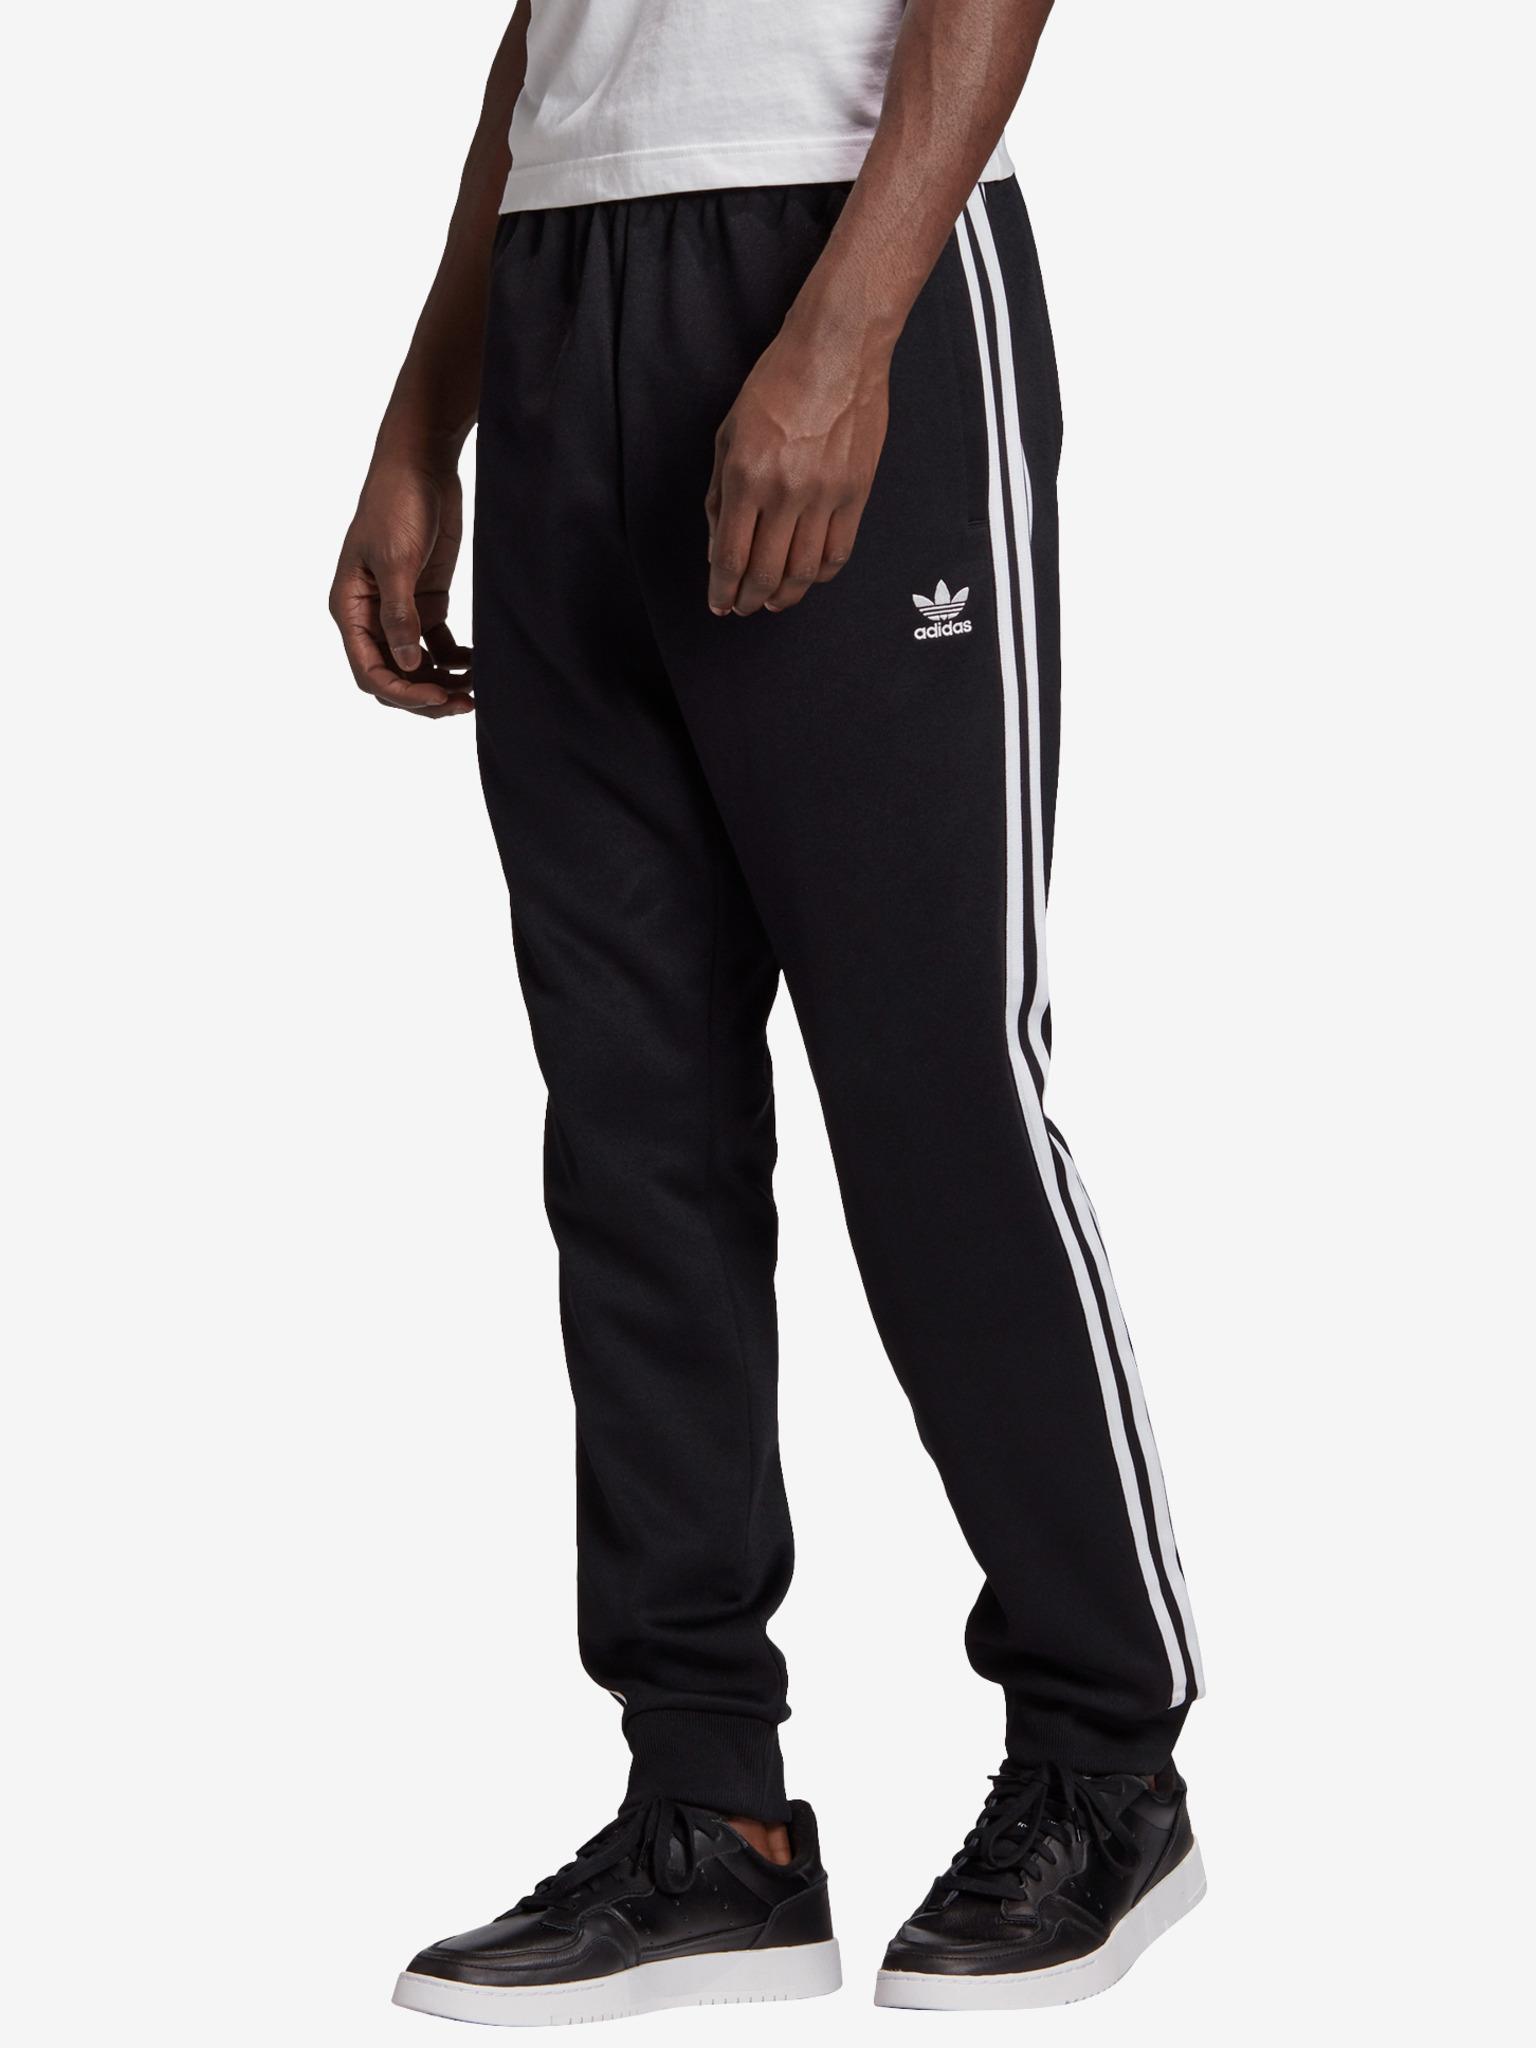 Patria mordaz Garganta  adidas Originals - Adicolor Classics Primeblue SST Sweatpants Bibloo.com